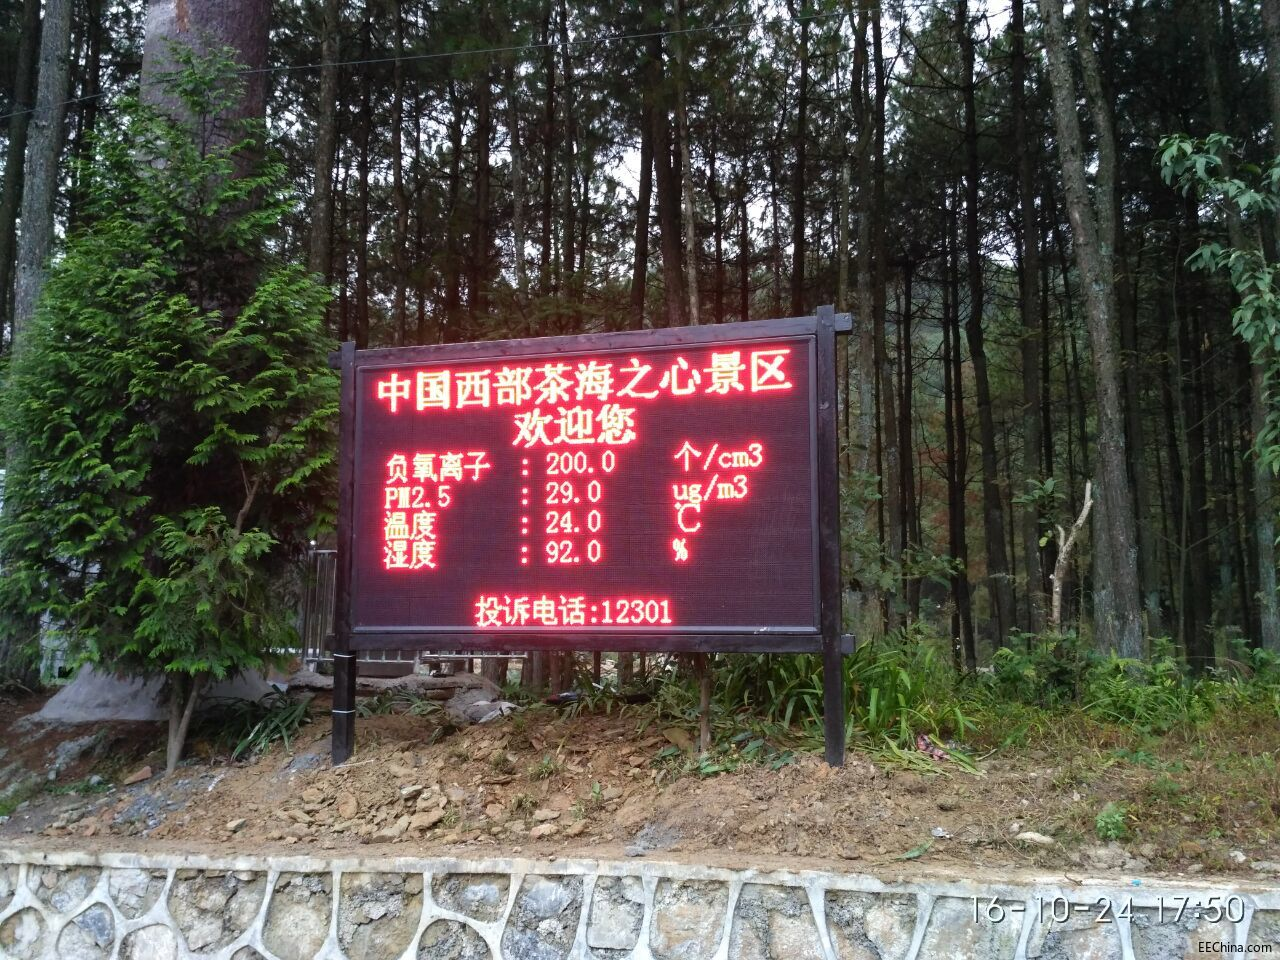 国家环境旅游胜地负氧离子在线监测系统,负氧离子检测仪指定厂家